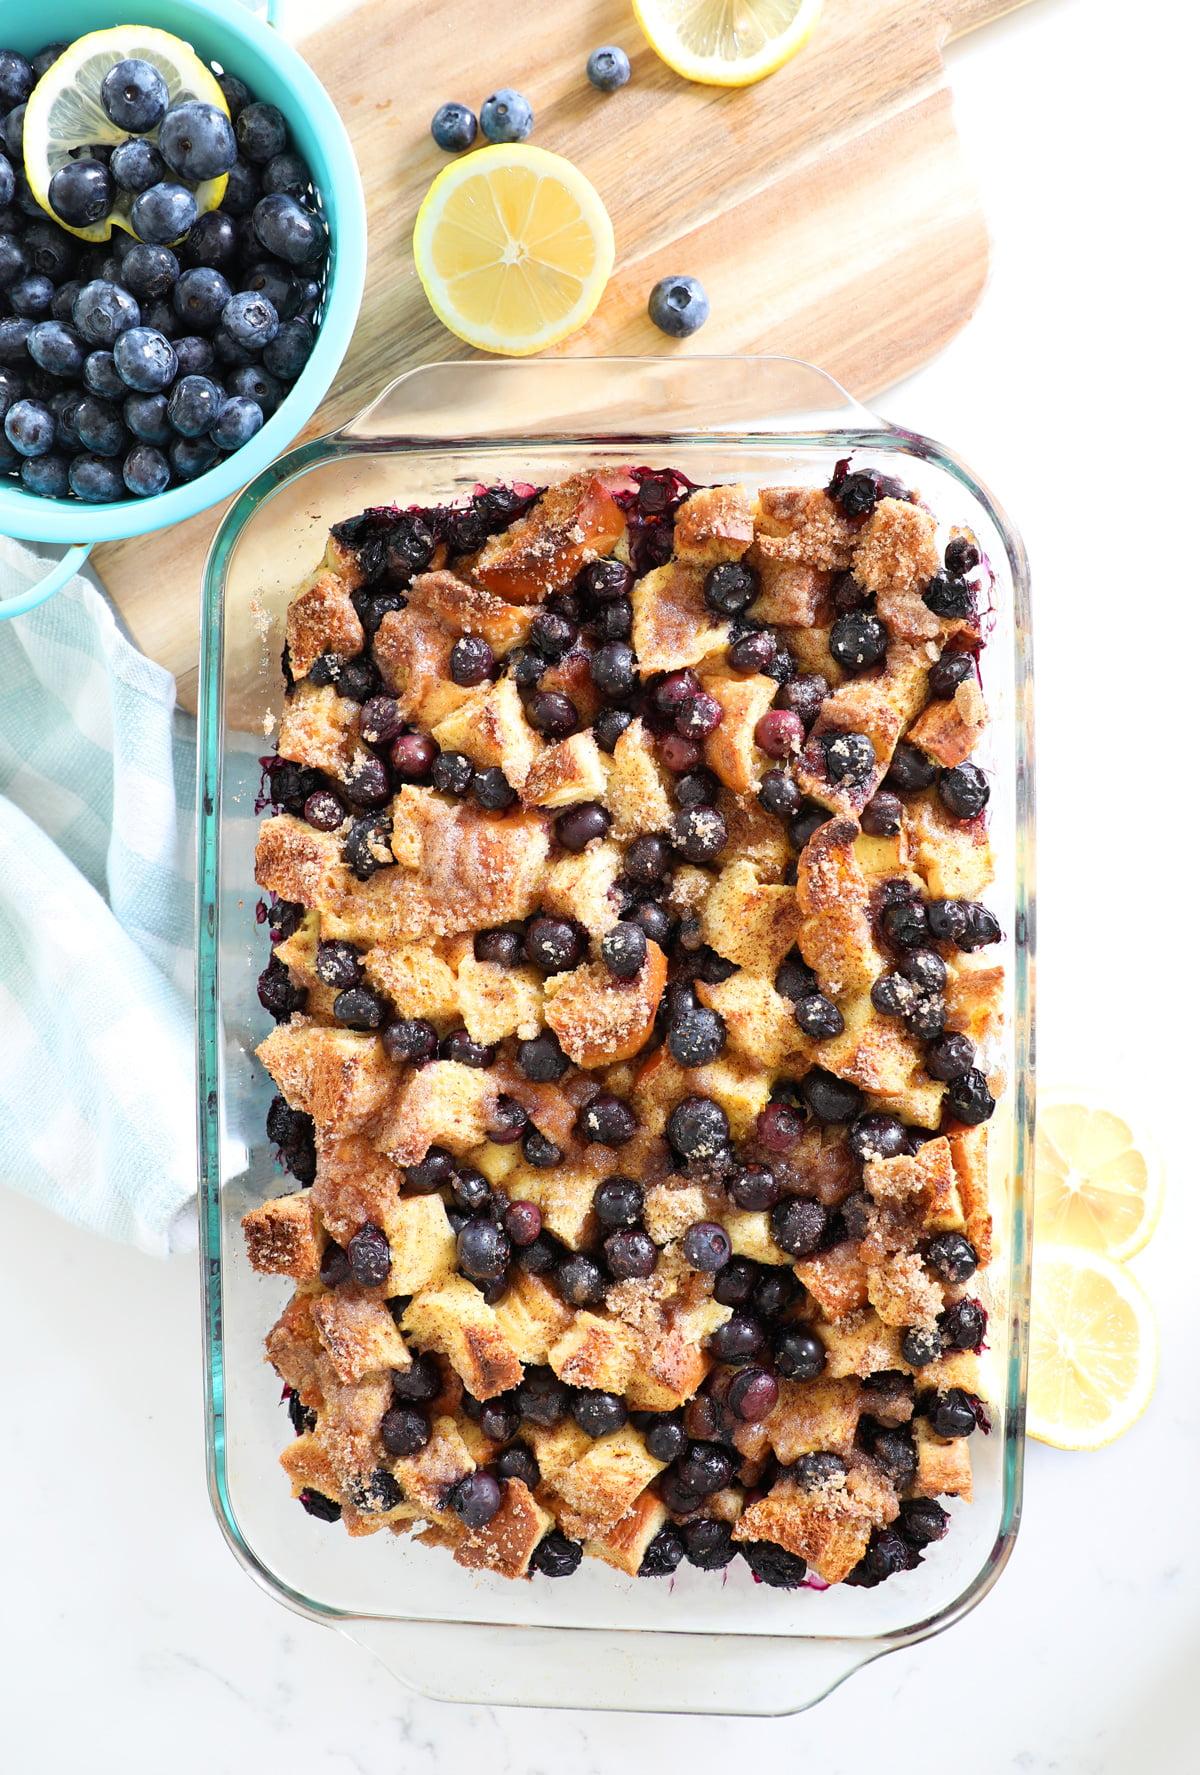 Overnight Lemon Blueberry French Toast